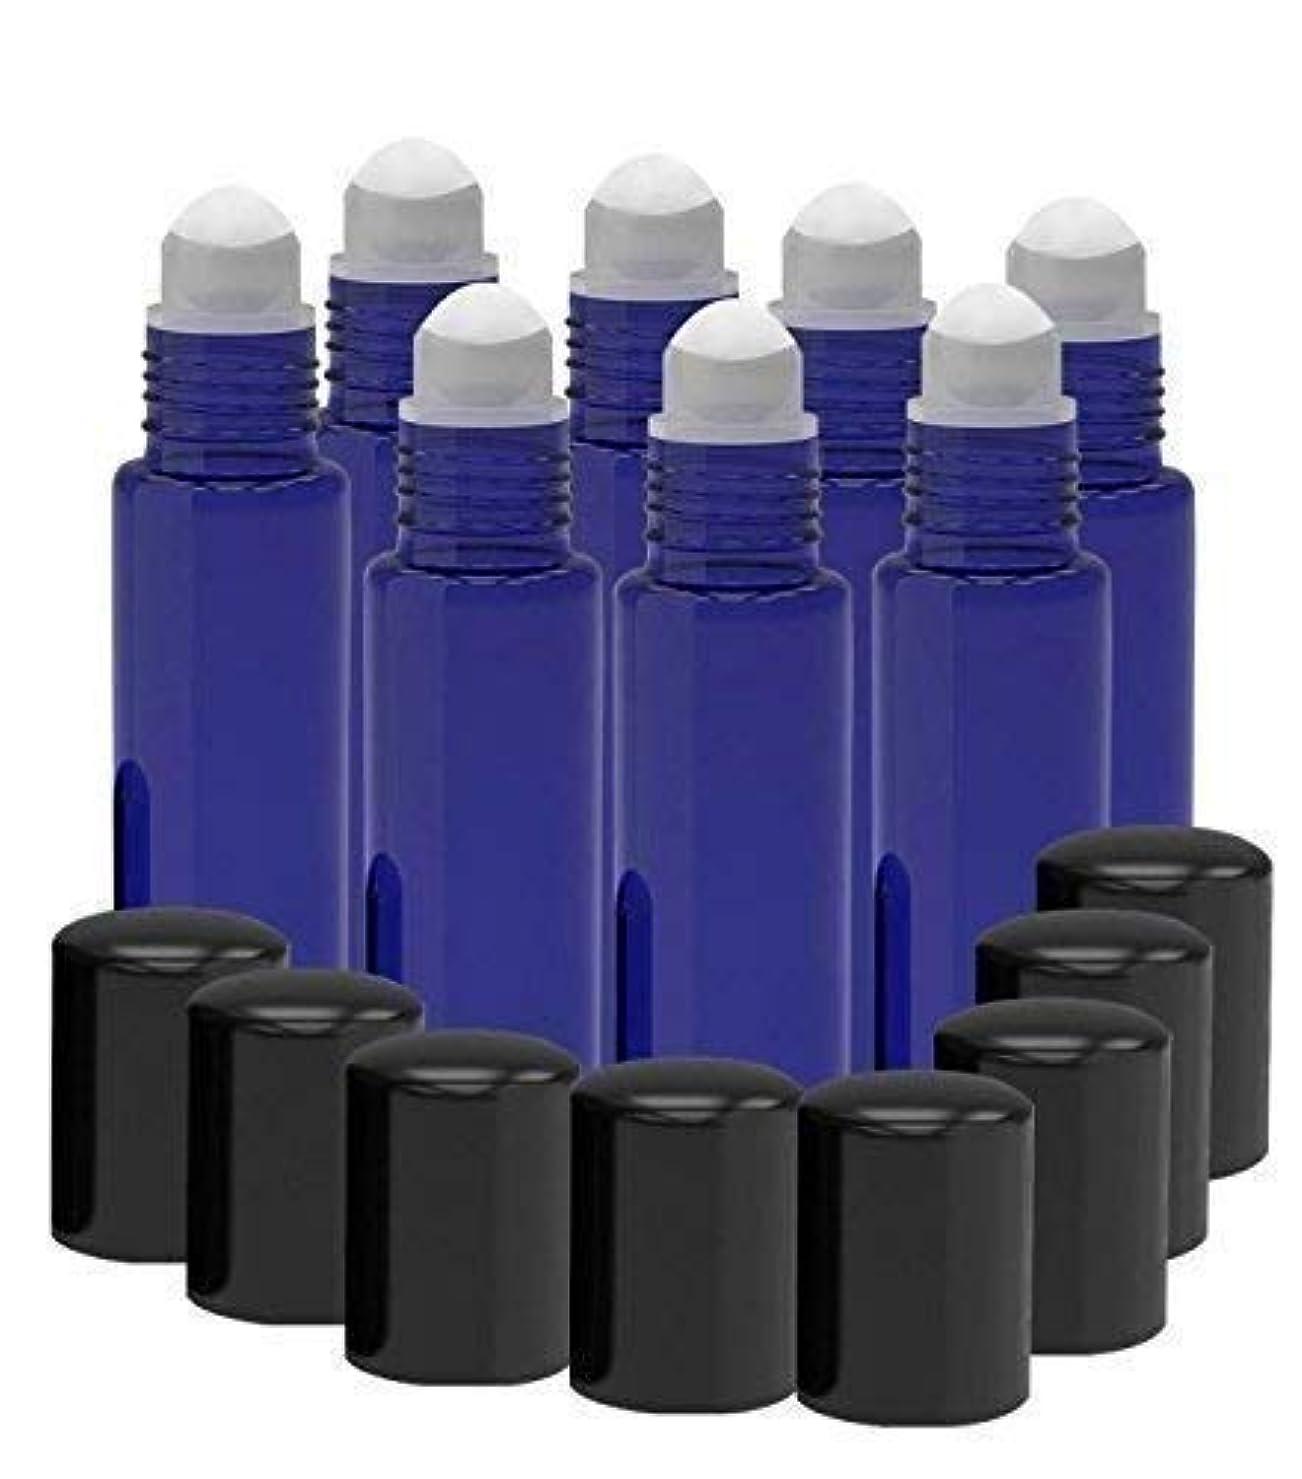 下手仲間、同僚前置詞8 Pack - Essential Oil Roller Bottles [PLASTIC ROLLER BALL] 10ml Refillable Glass Color Roll On for Fragrance...